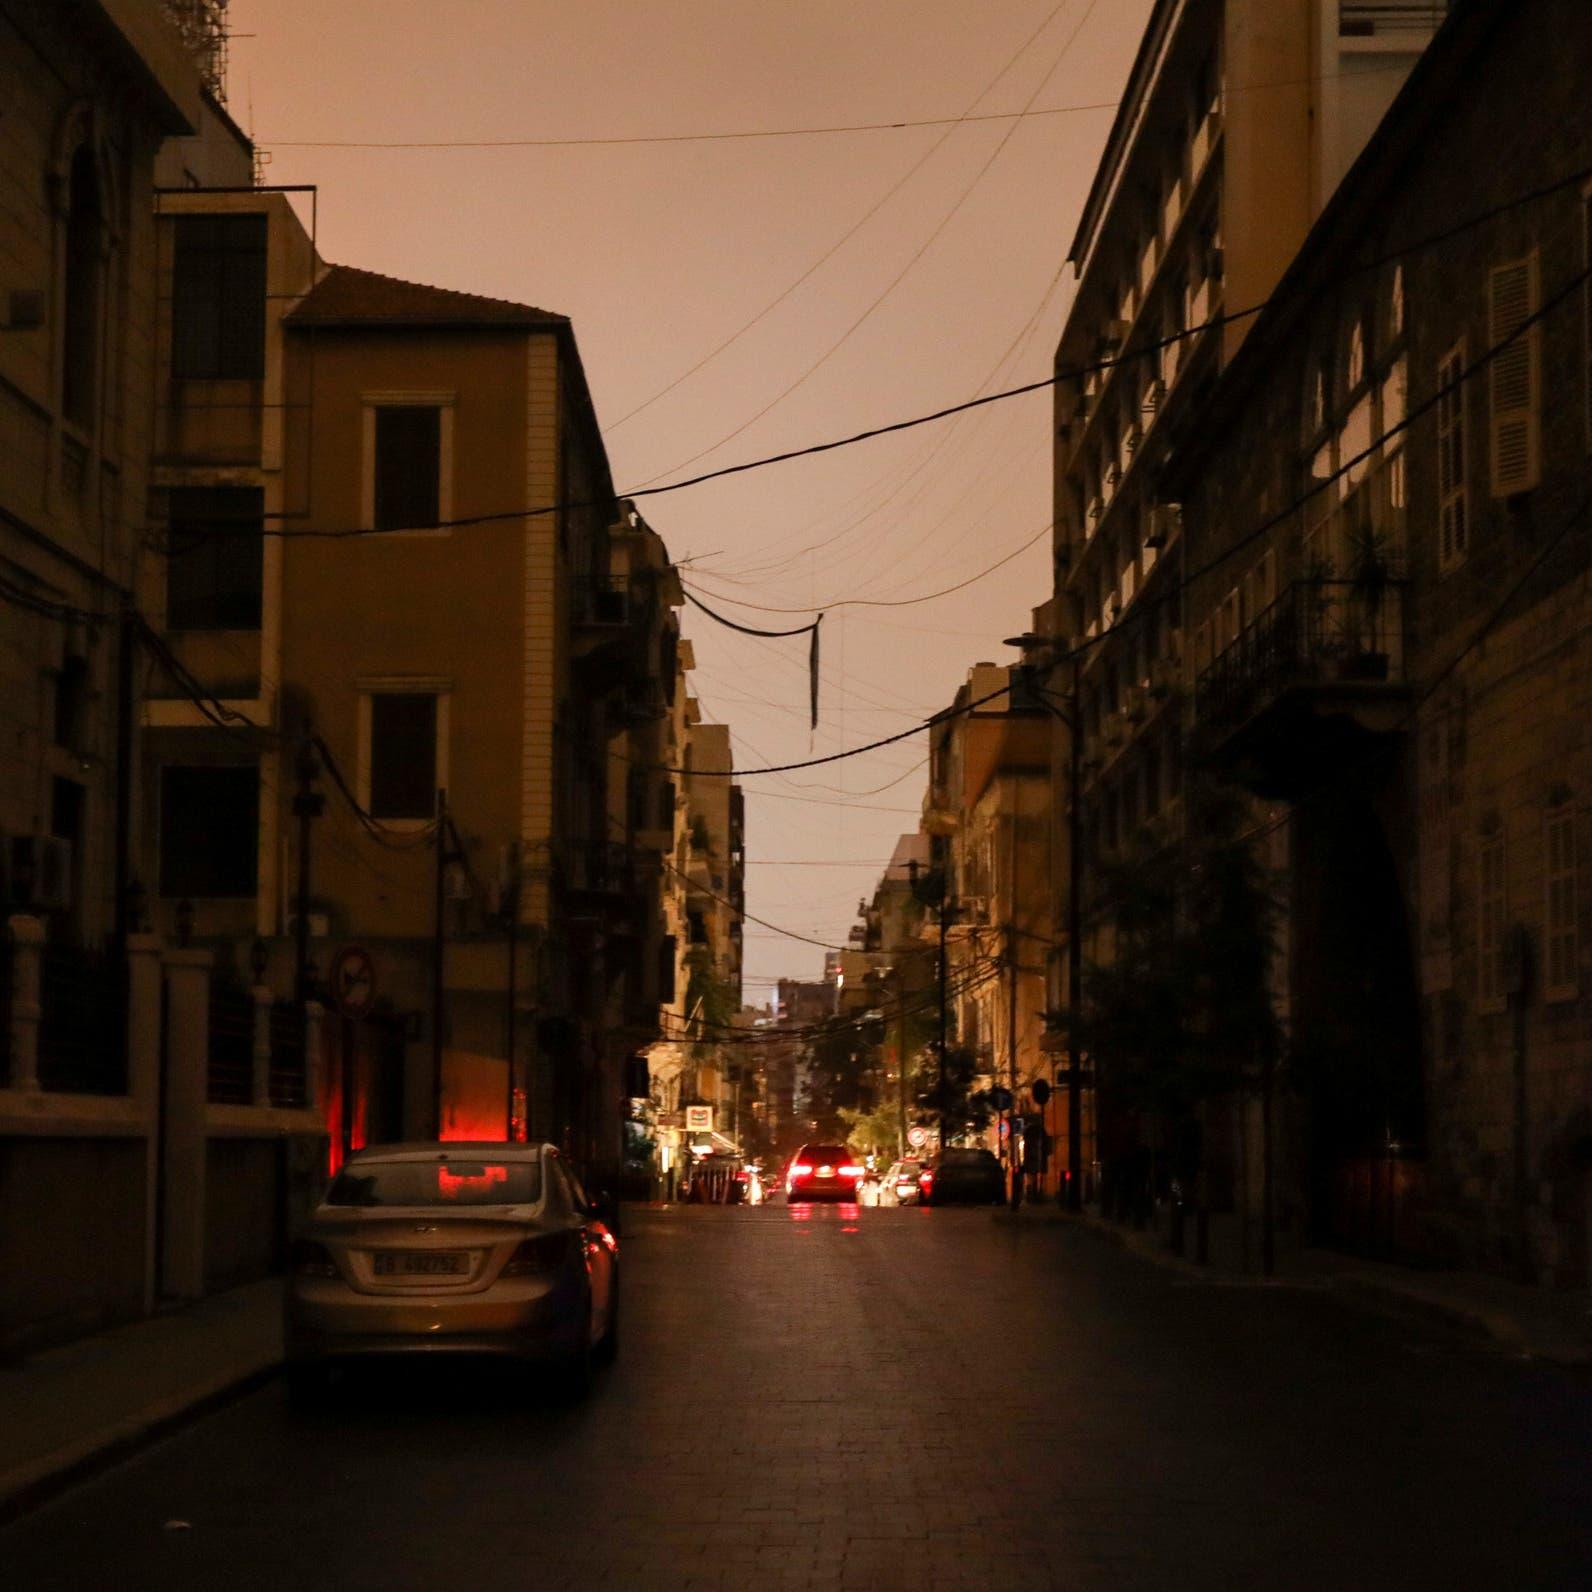 وزير لبناني: العراق سيزود لبنان بالوقود لتوليد الكهرباء